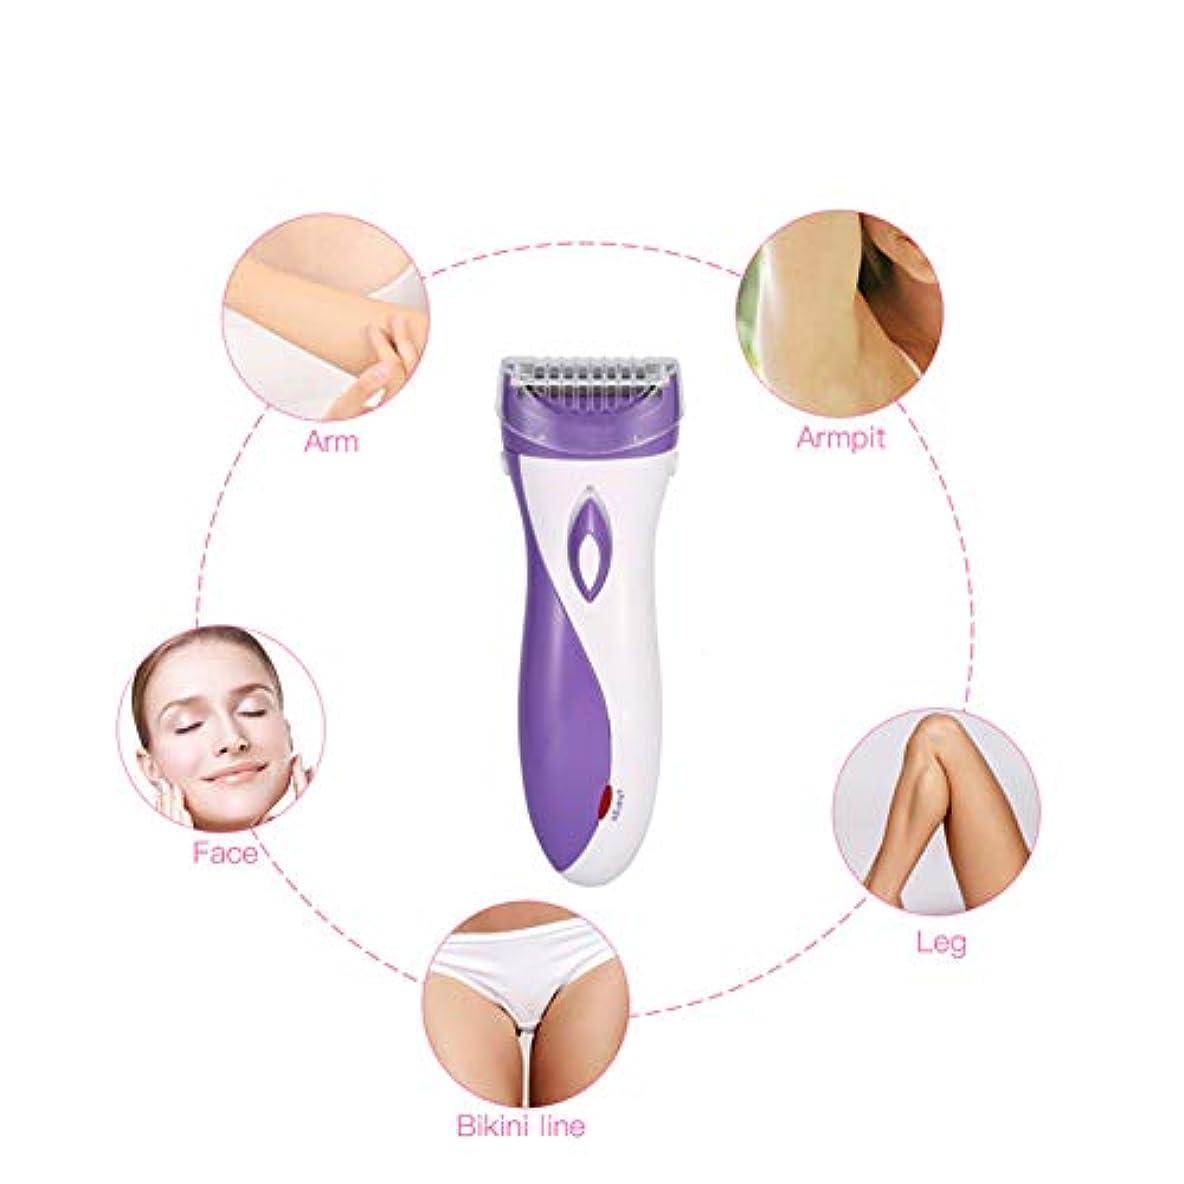 ピボット形状添加剤女性の電気毛の除去剤、ボディ顔の毛の除去剤、小型方法女性首の足のビキニのトリマー